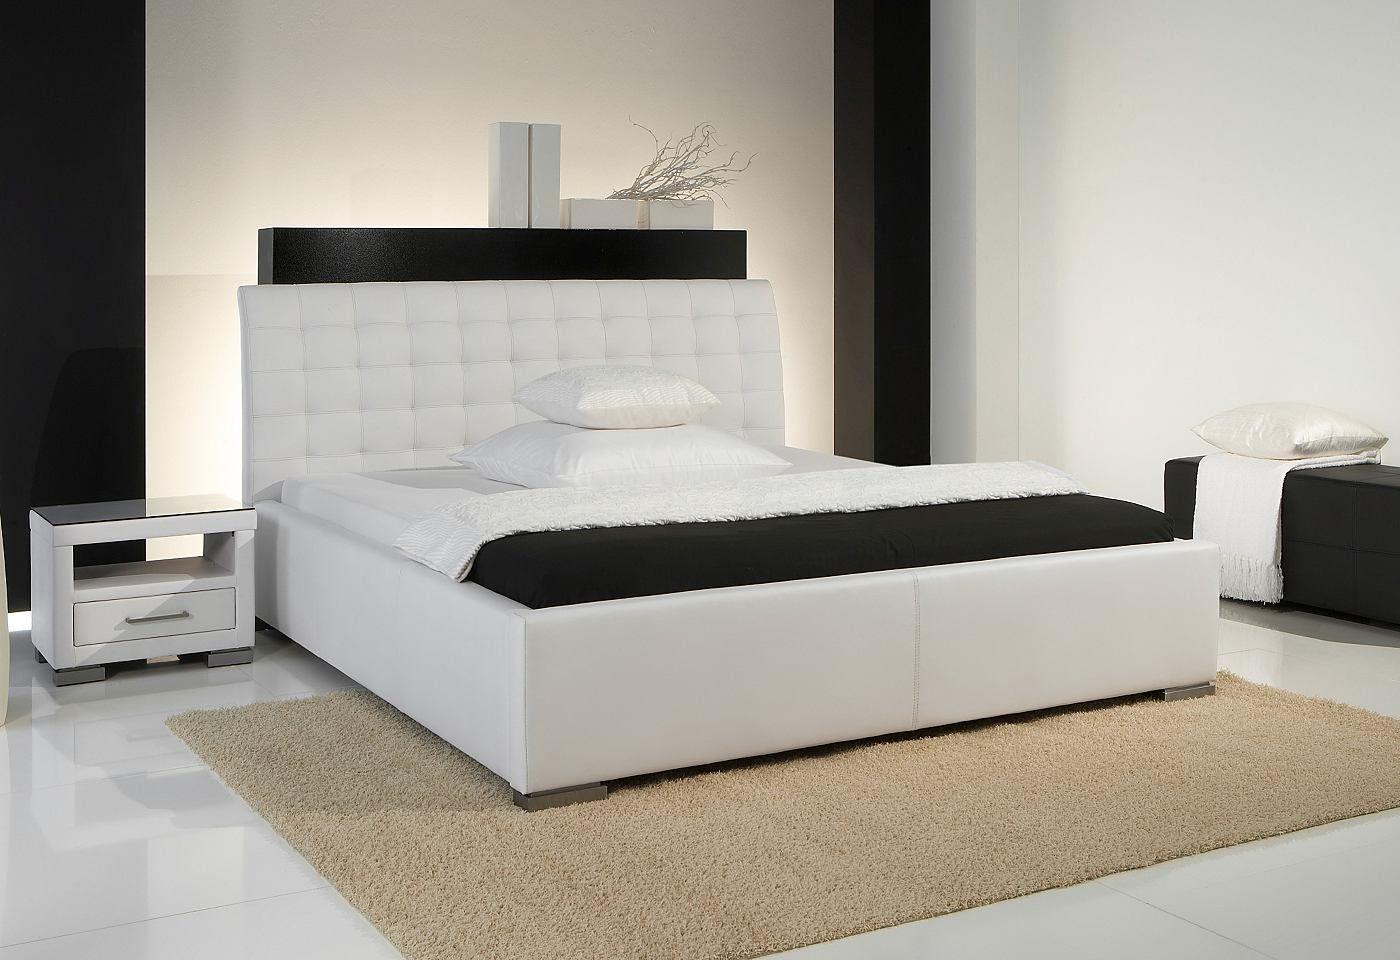 Polsterbett mit Kunstlederbezug. Farben schwarz, weiß